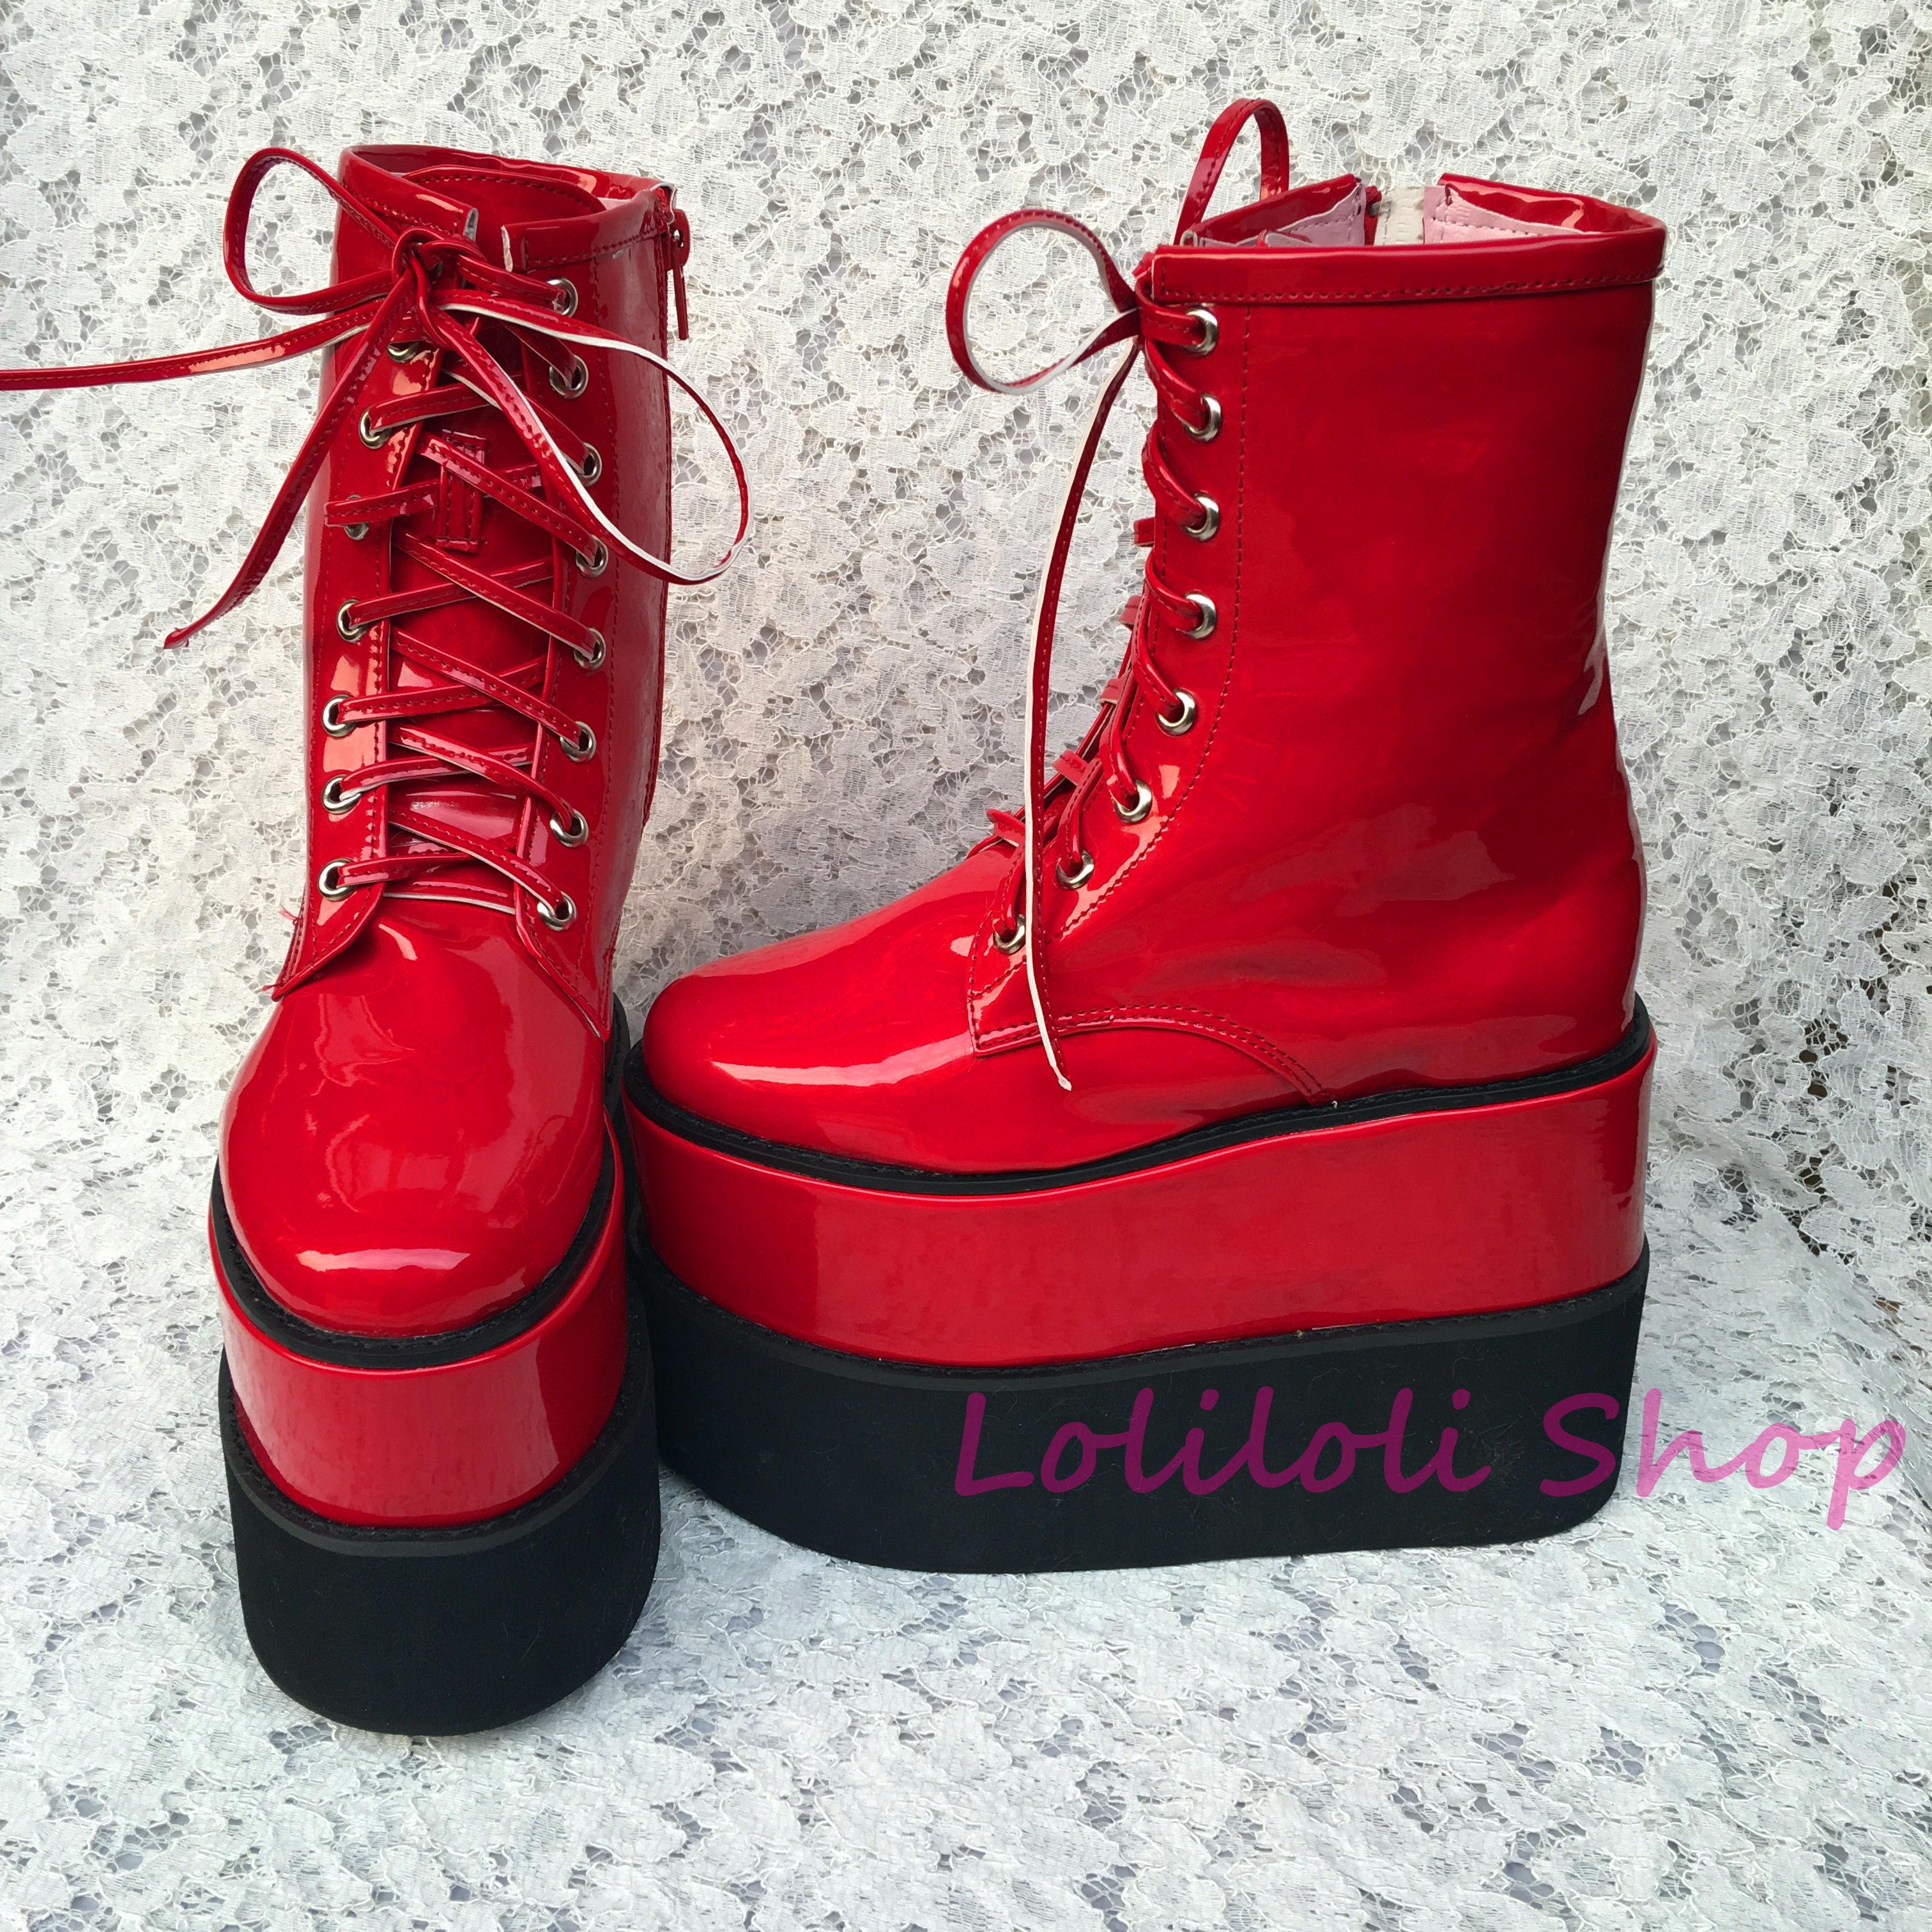 Chaussures lolita princesse douce Lolilloliyoyo antaina chaussures design japonais personnalisé fond épais rouge peau brillante chaussures haut 1391n